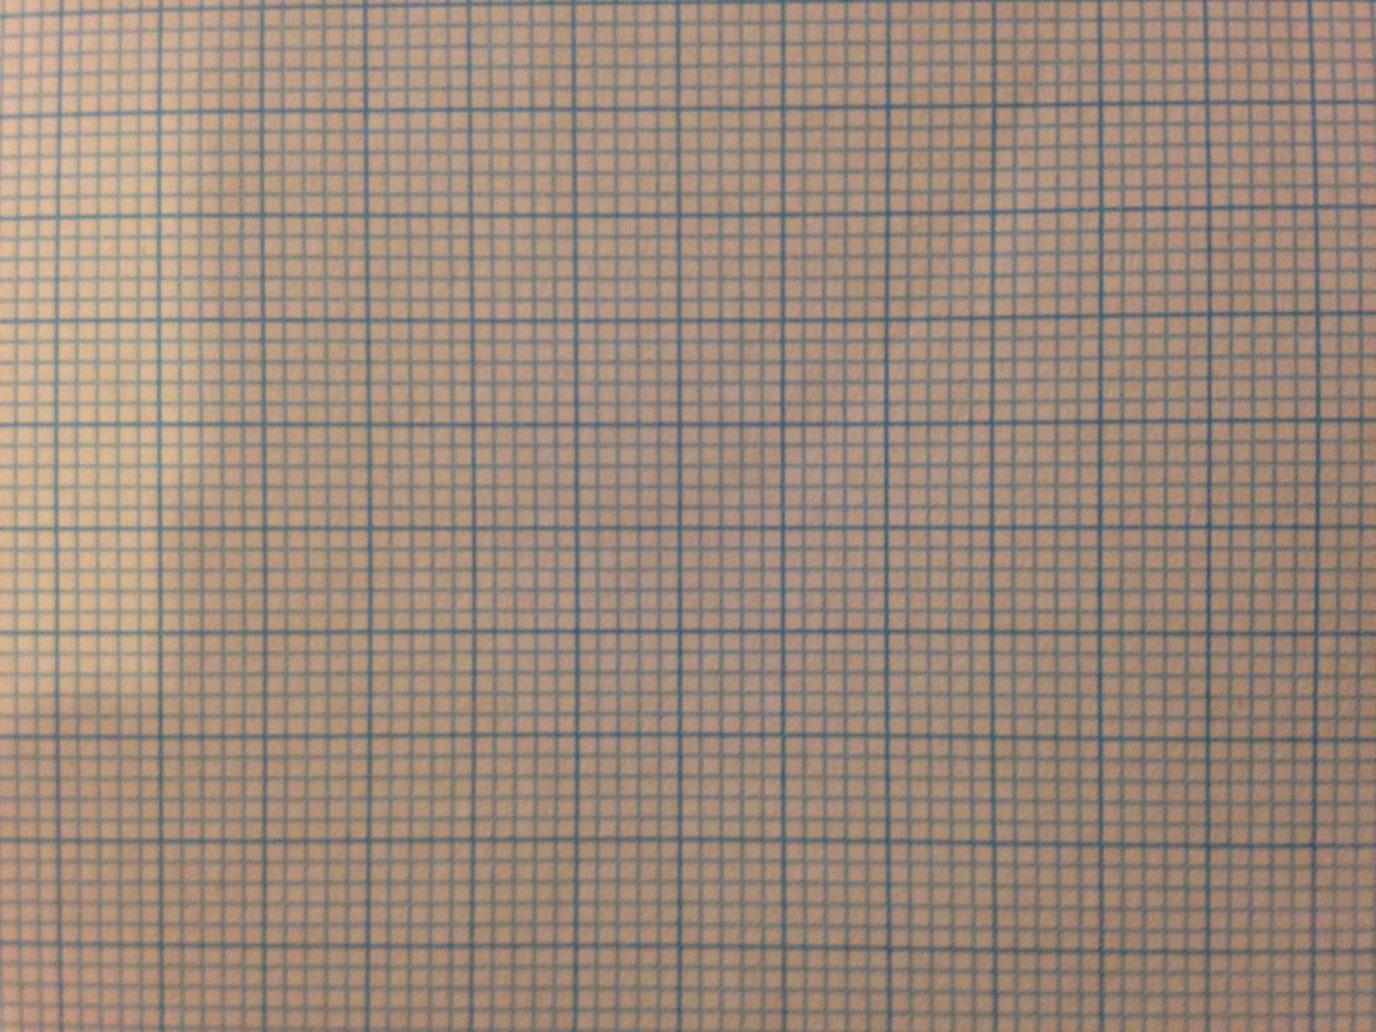 Image du papier millimétré: